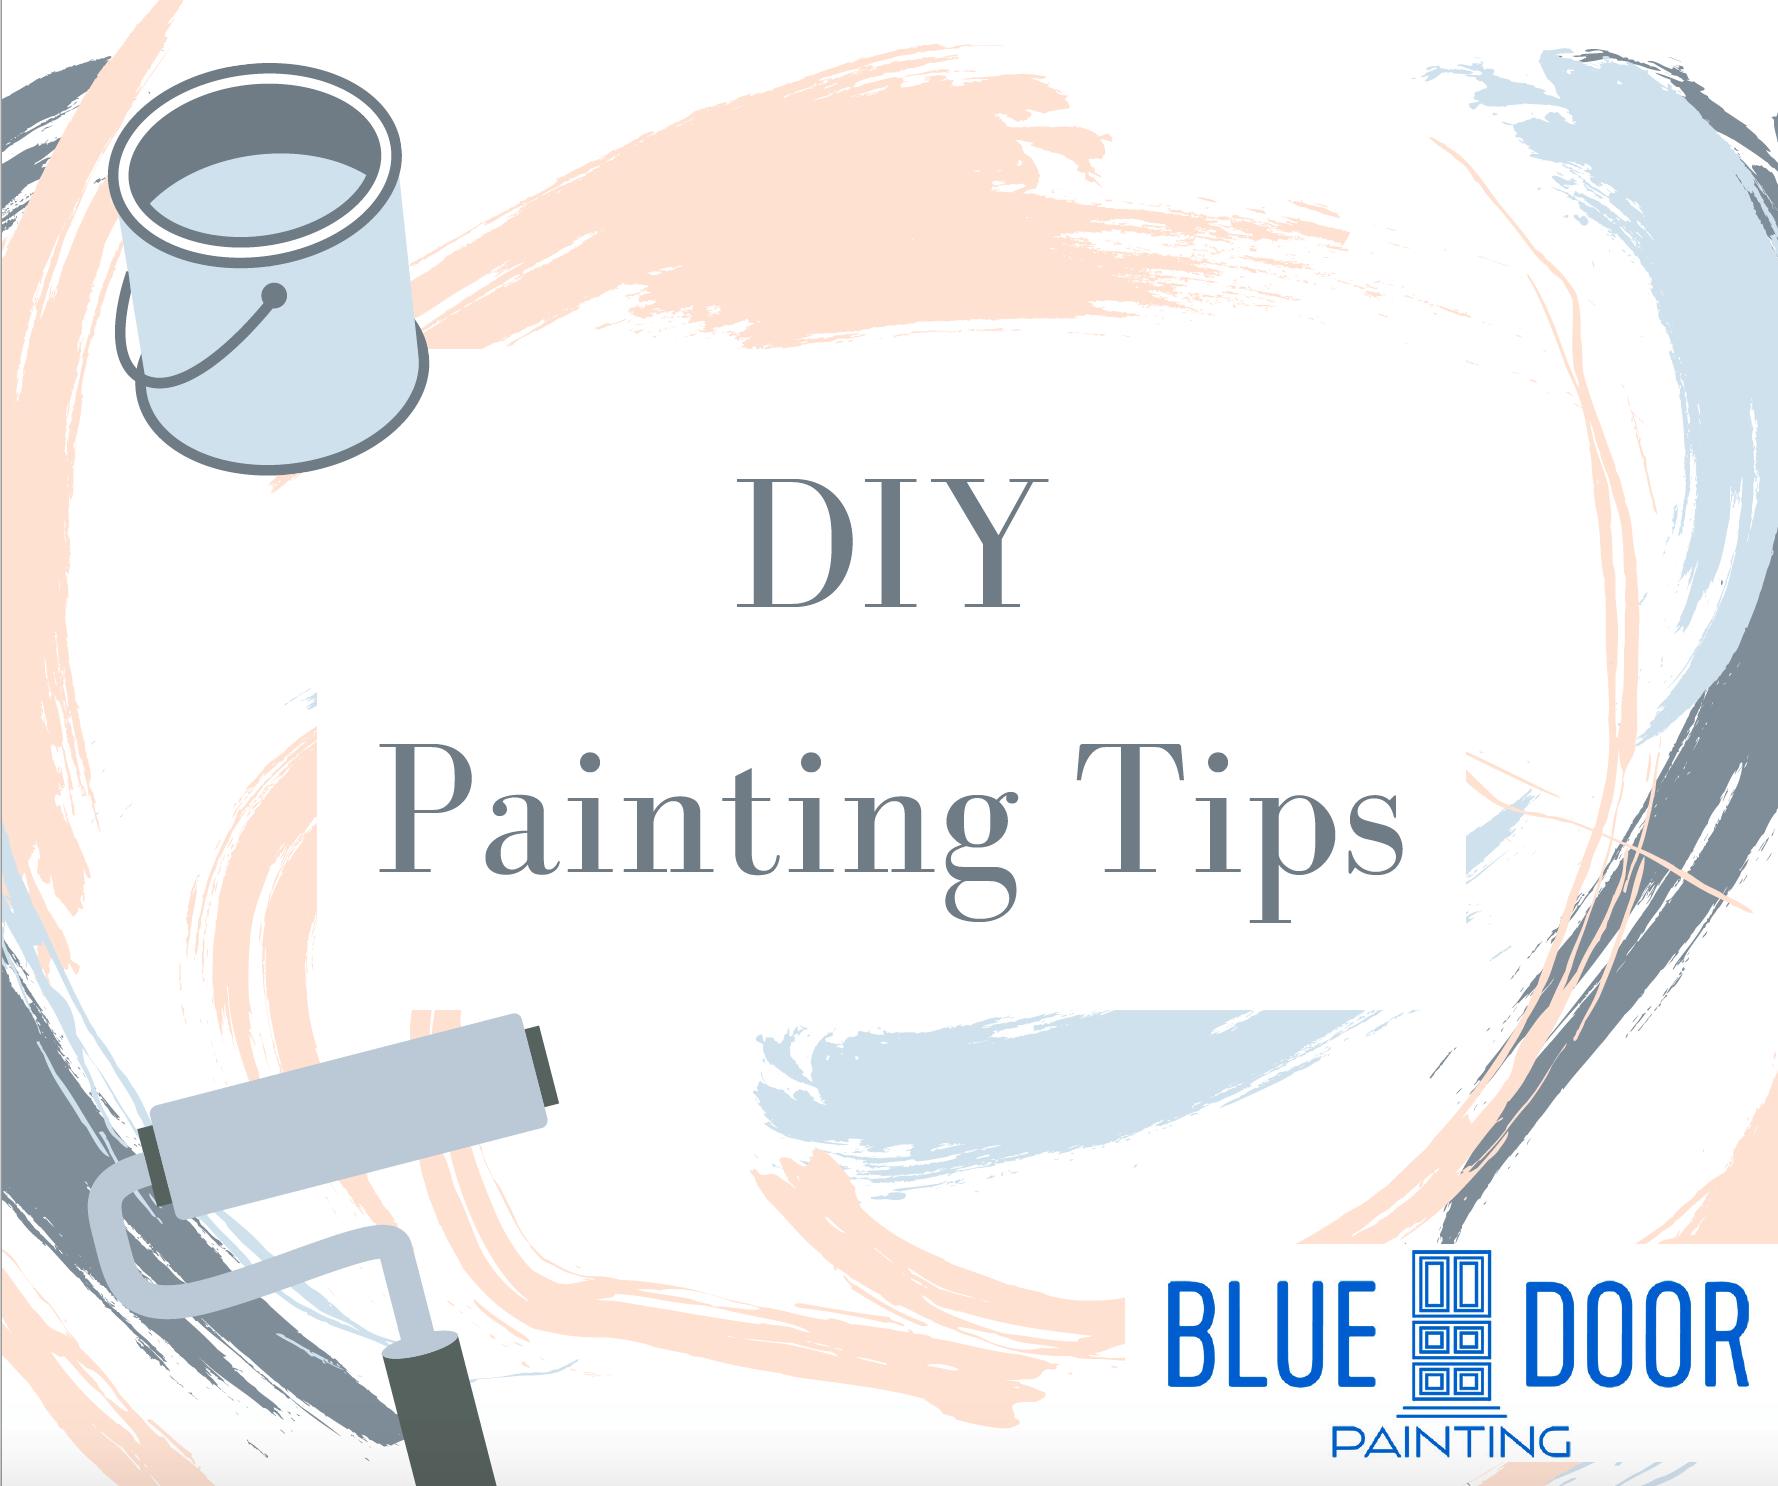 DIY Paint Tips, Chicago Painters, Blue Door Painting, How-To Interior Painting, Interior Painting Checklist